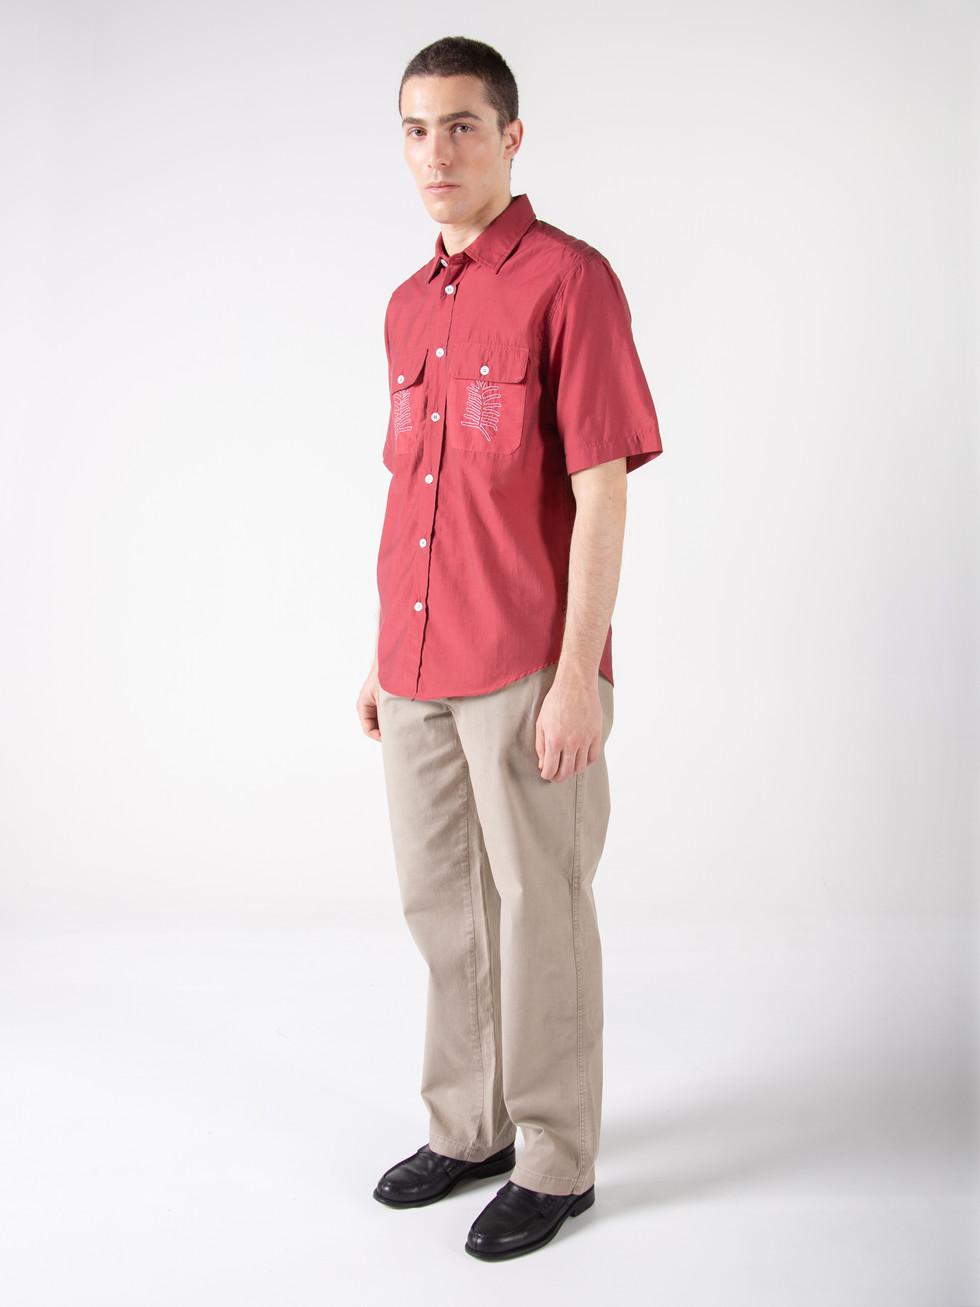 look01_ss20_shirt_02.jpg